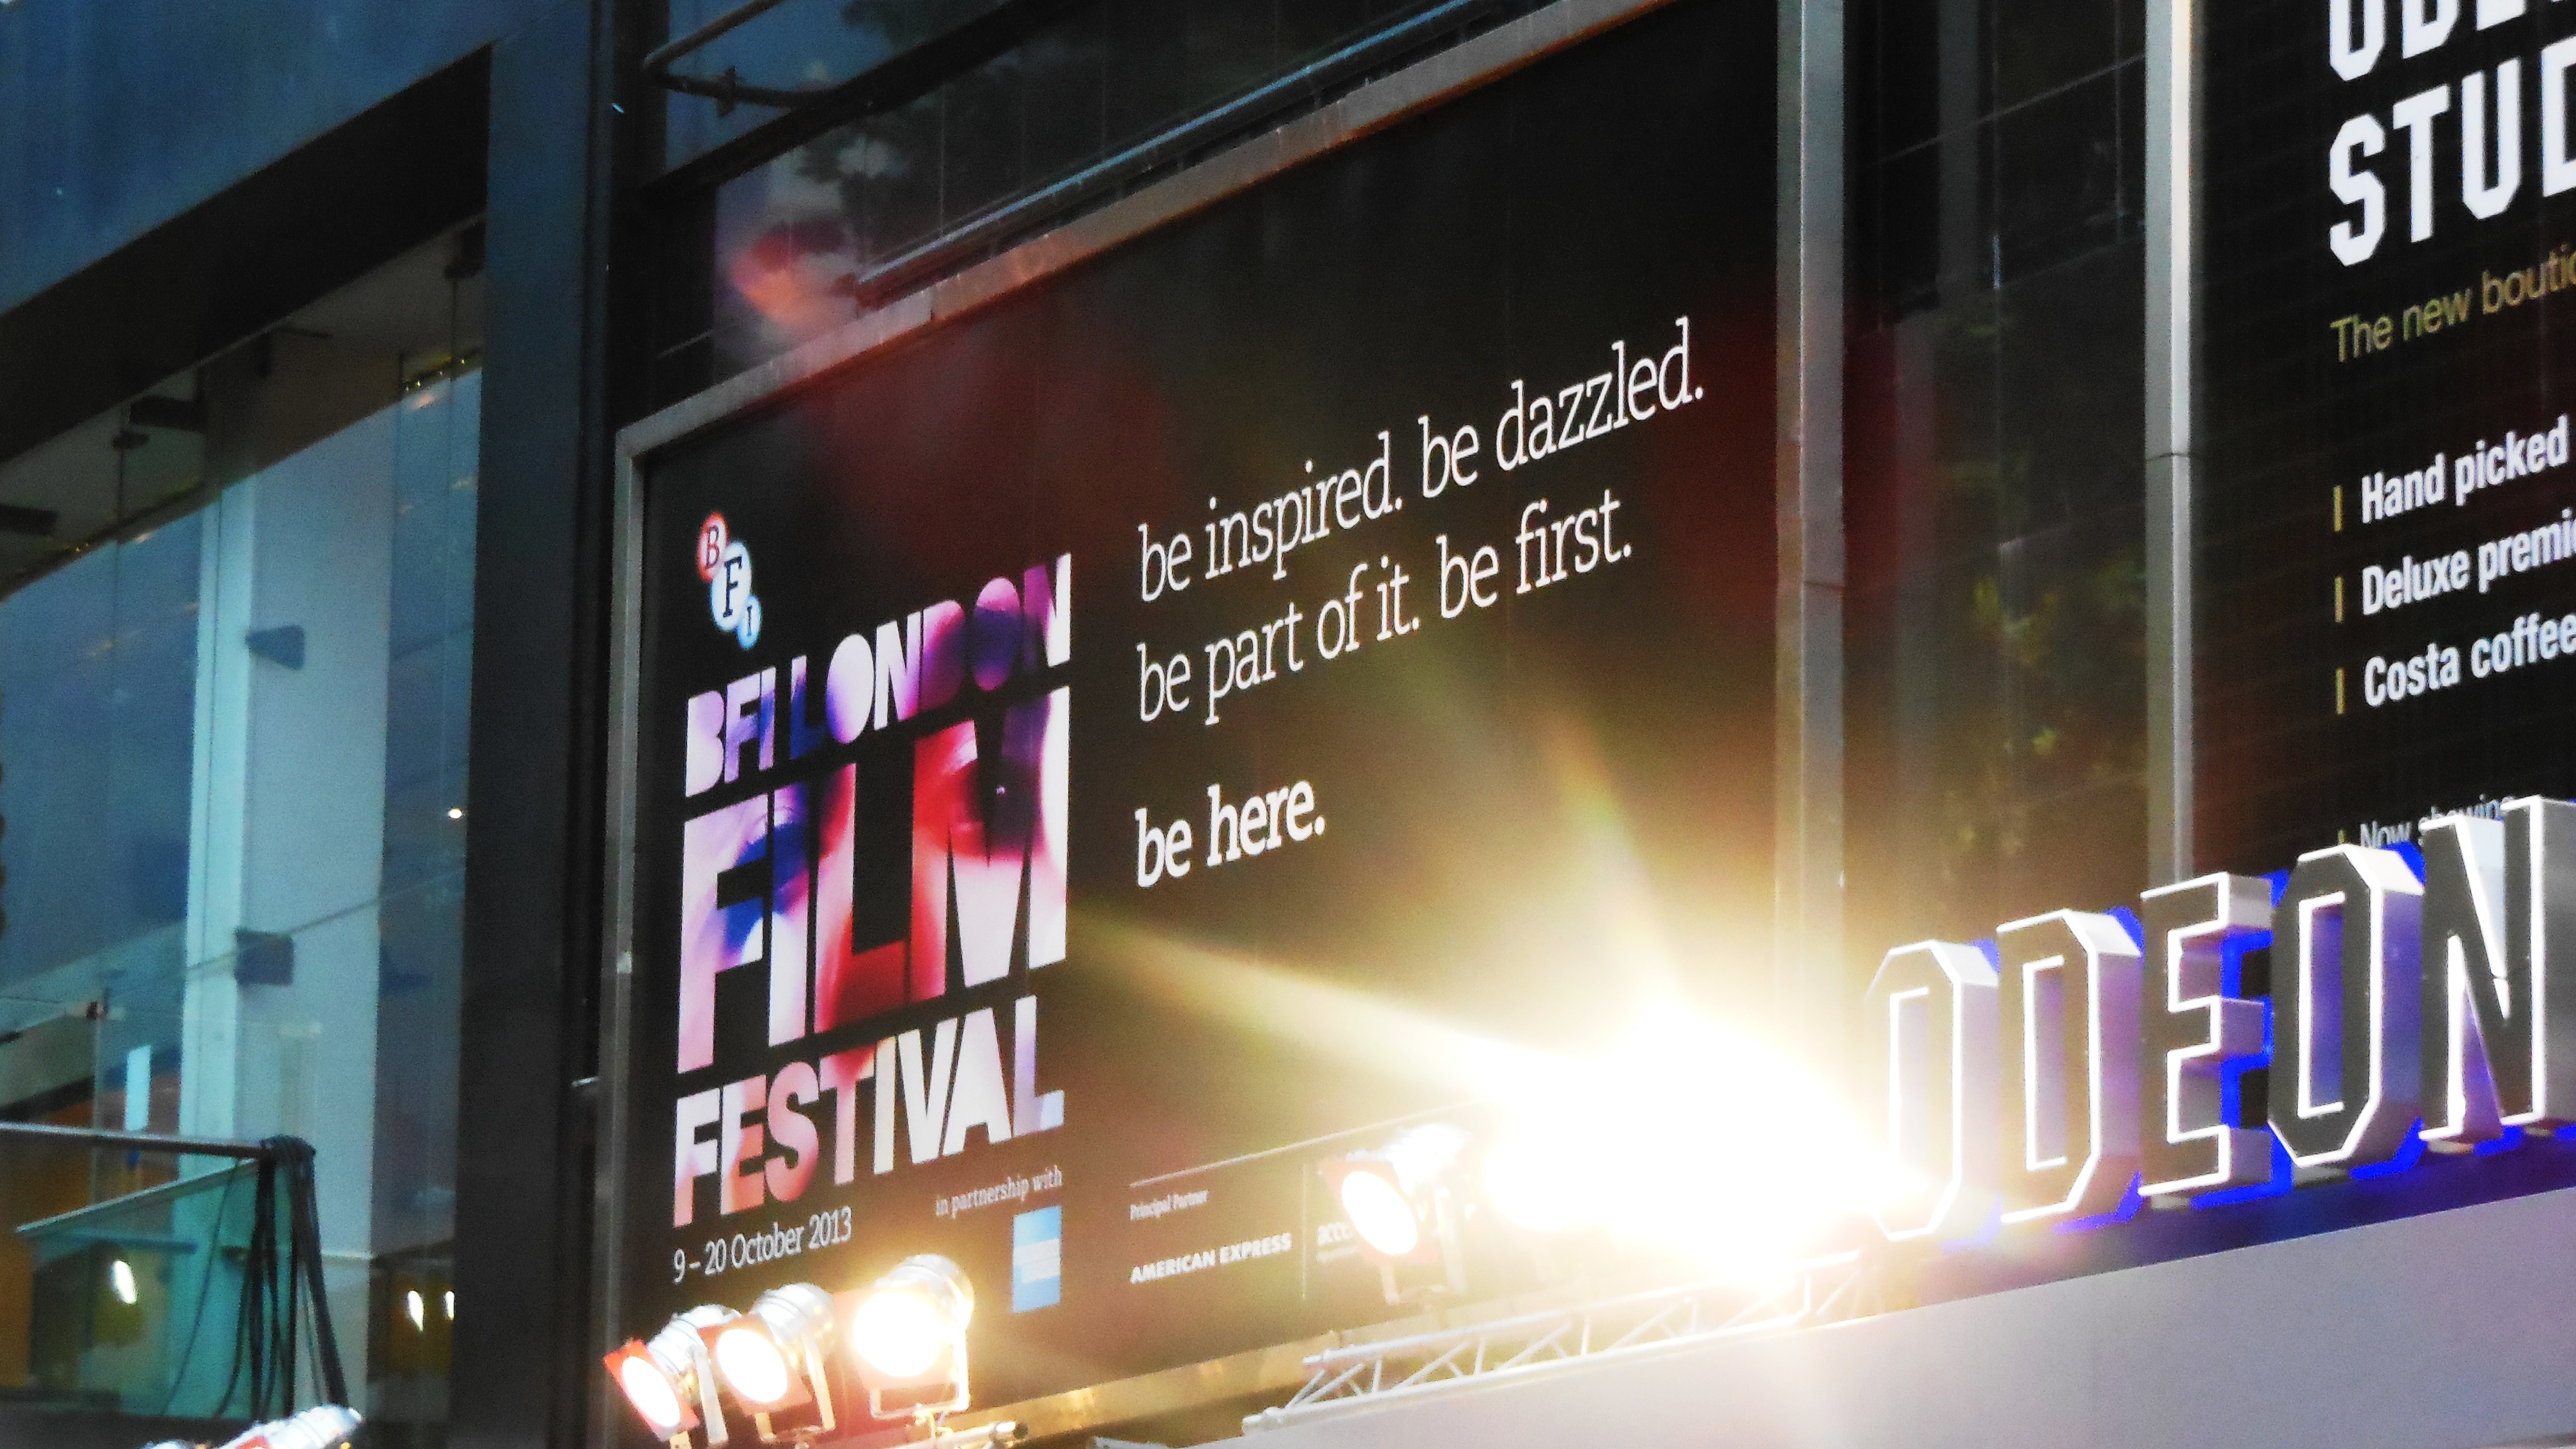 London Film Festival 2013 [special - deel 2]